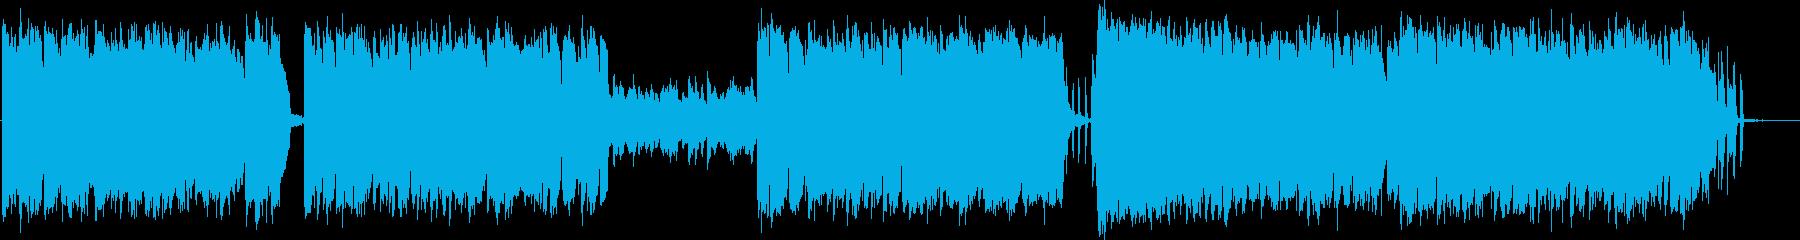 アコーディオンの民族的なケルトポップの再生済みの波形